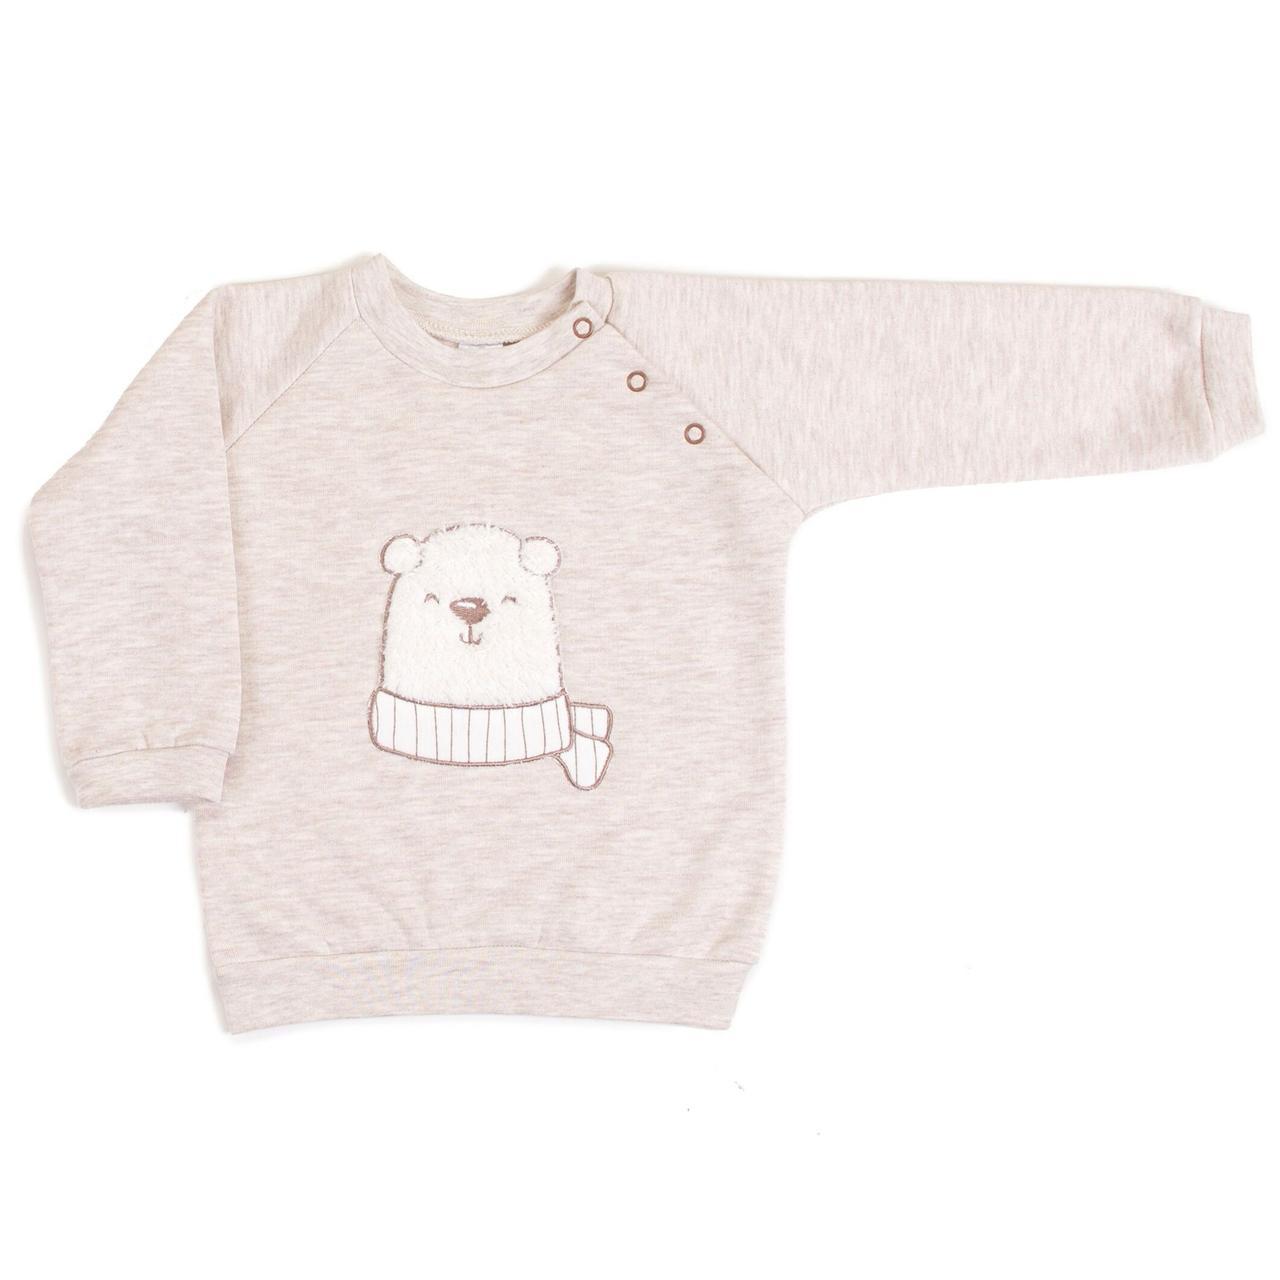 Кофточка-свитшот Верес Polar bear футер з начесом бежевый